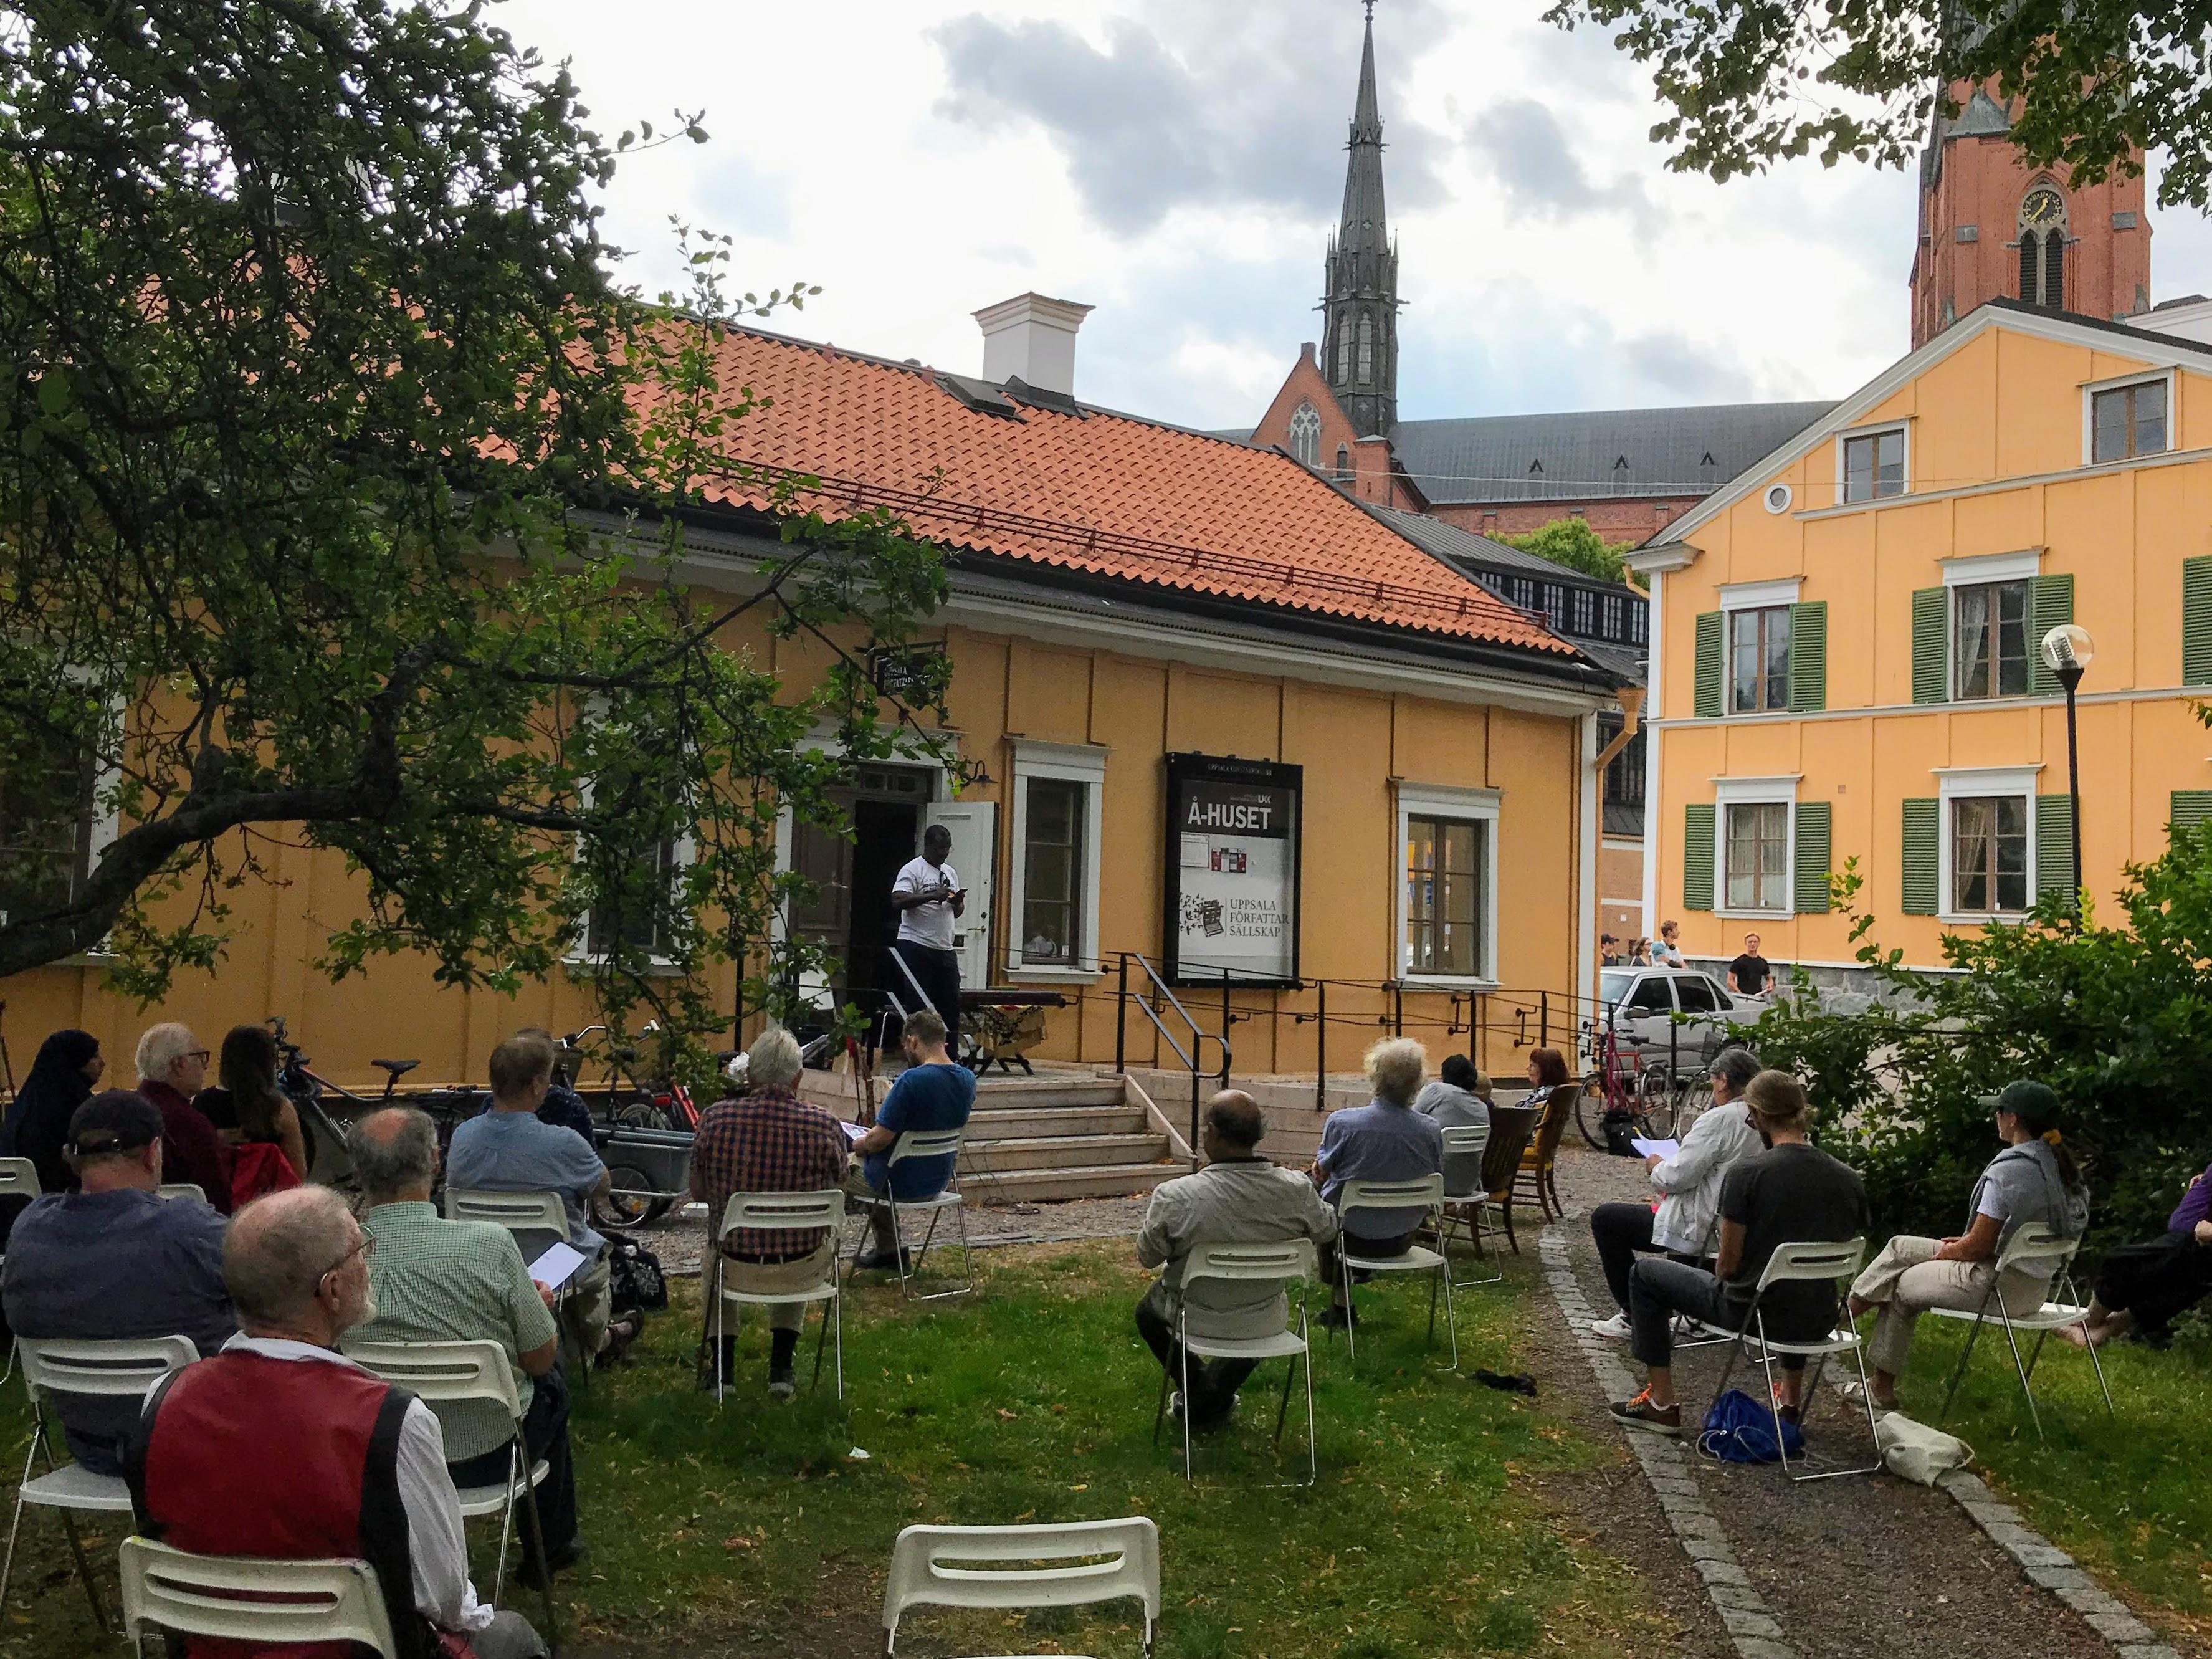 Uppläsning utanför Å-Huset i Uppsala